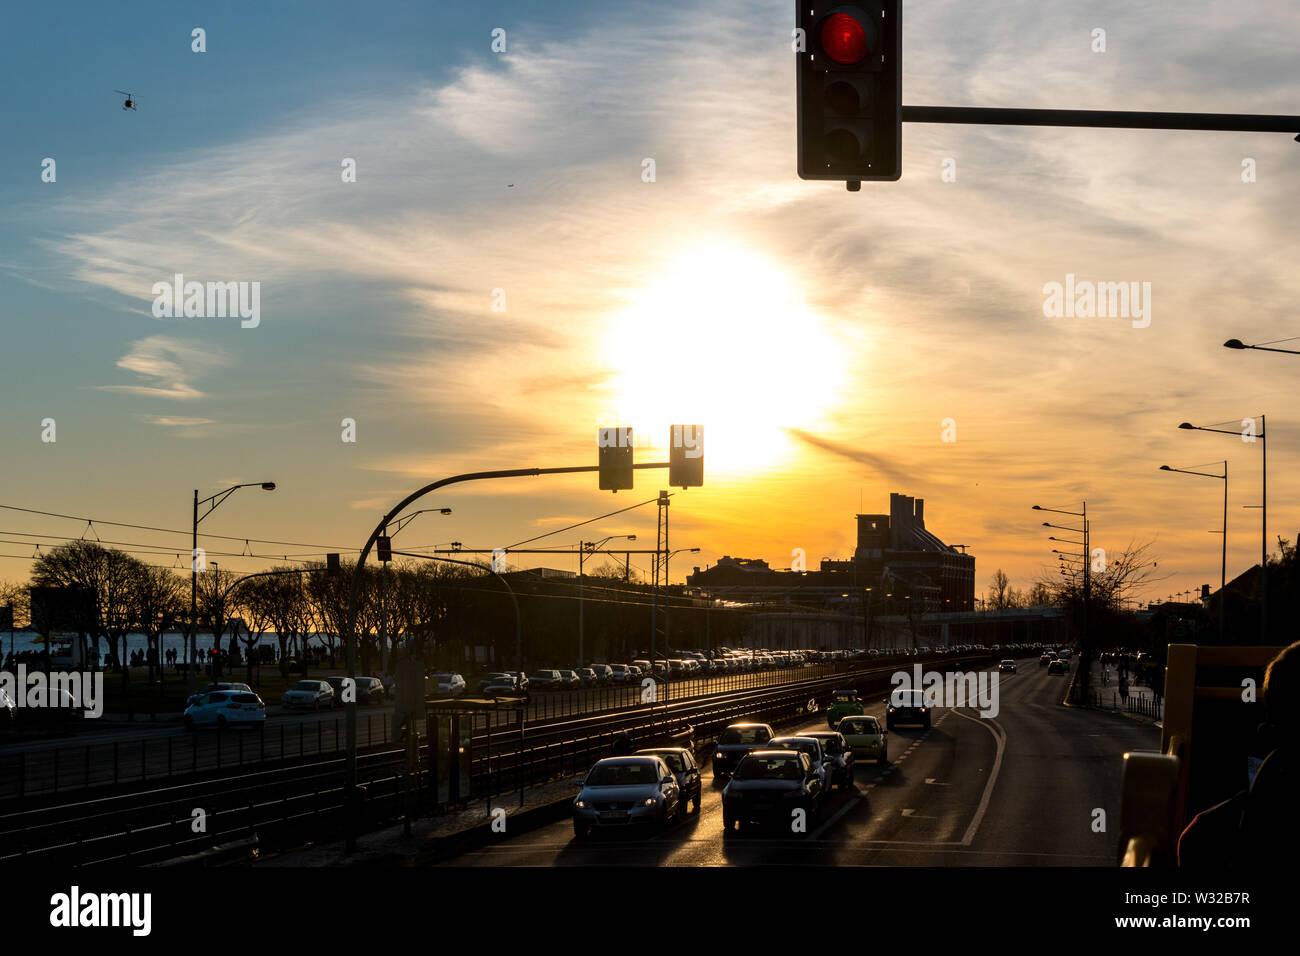 Guardando verso il basso una strada di Lisbona con traffico pesante durante il tramonto. Foto Stock